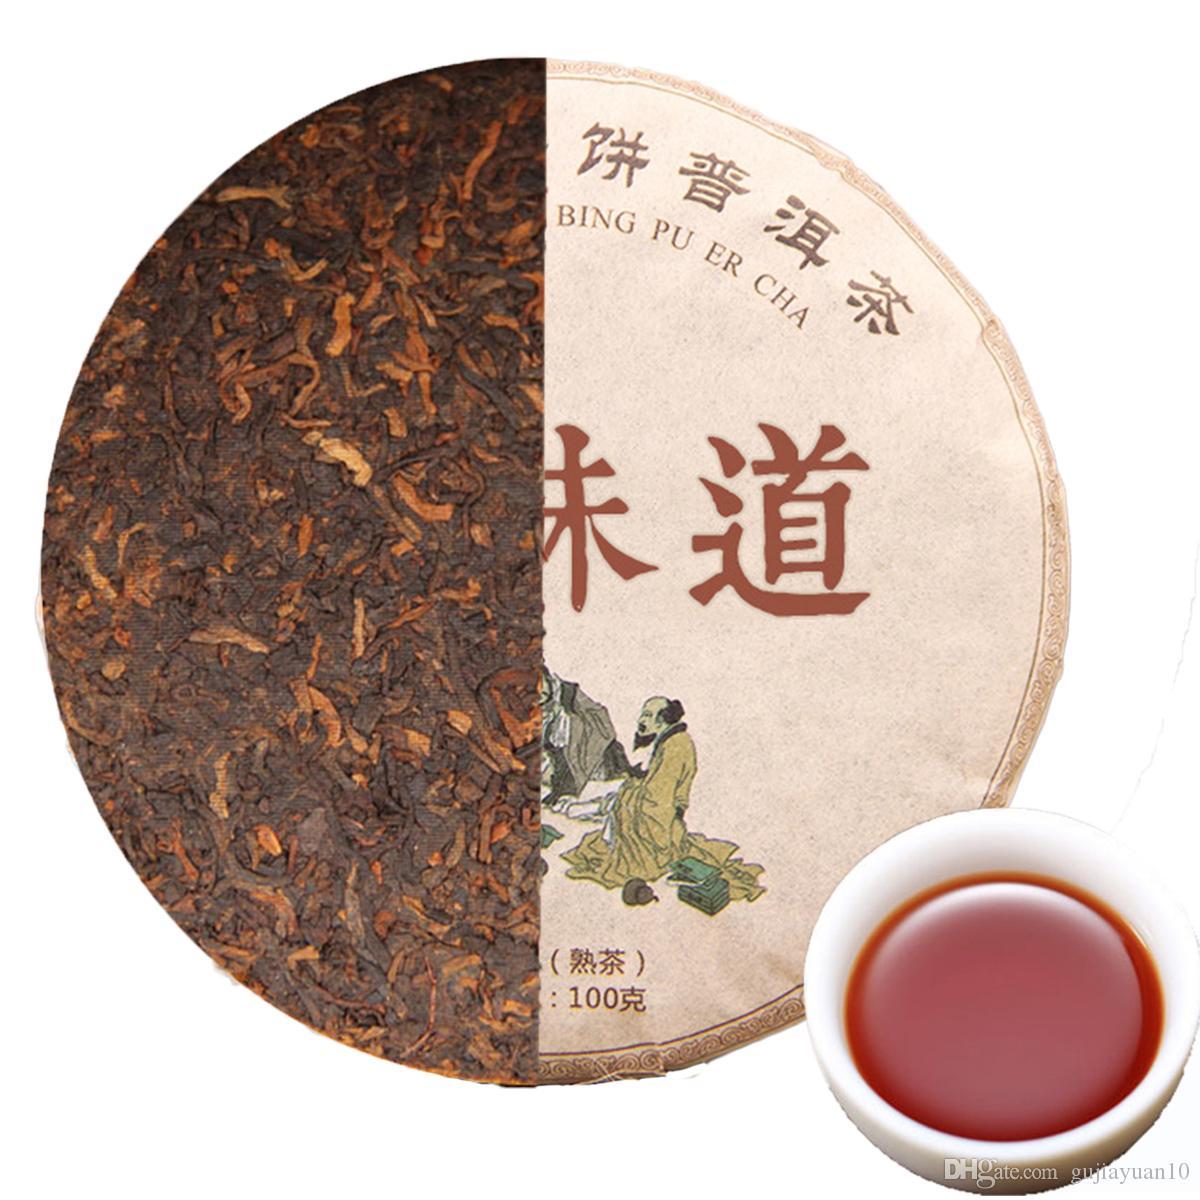 Préféré 100g puer thé Yunnan vieux goût de puer thé bio naturel puer vieux arbre cuit puer thé noir puerh gâteau